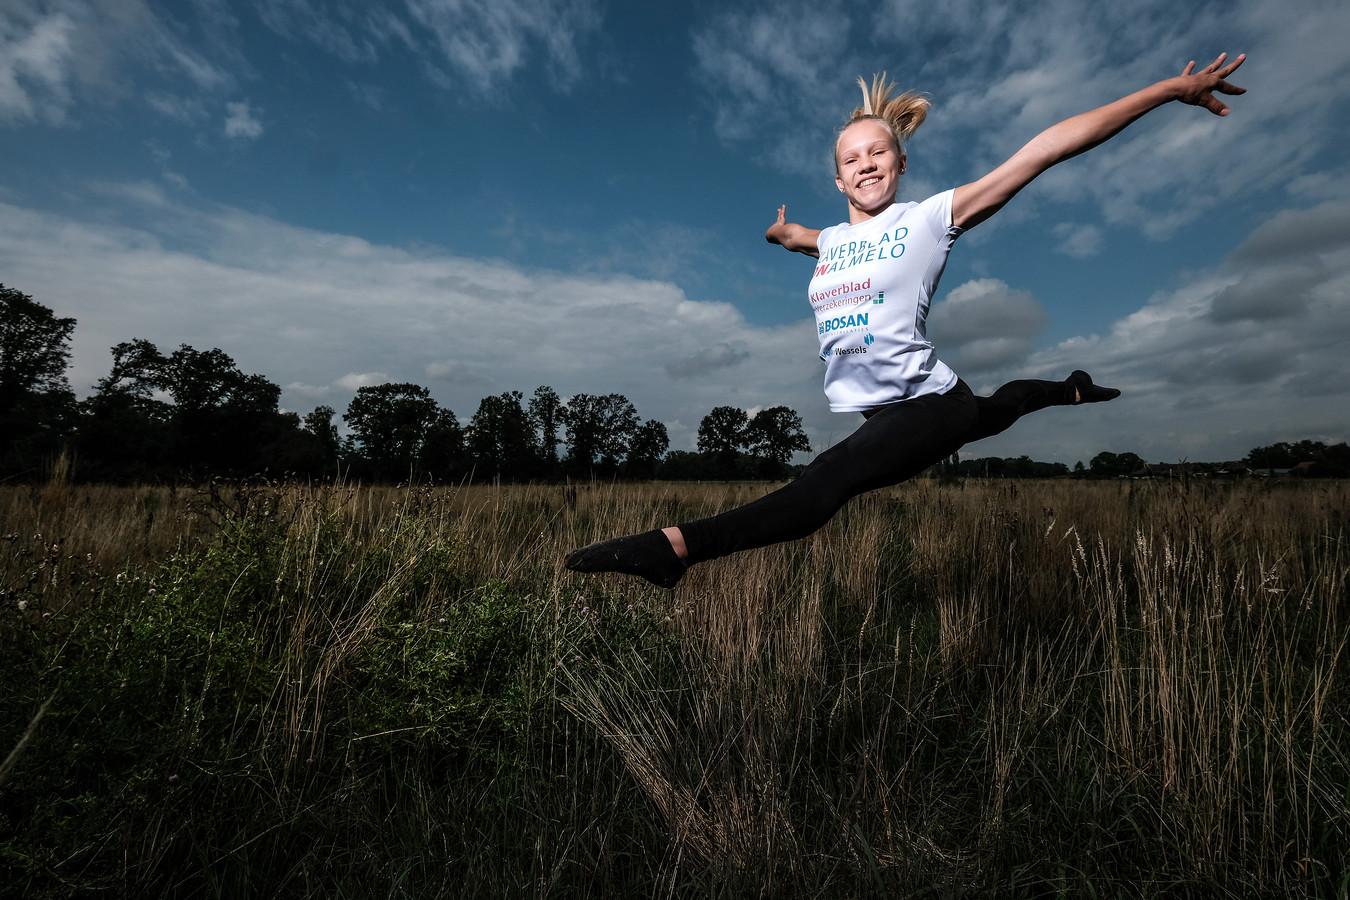 Sara van Disseldorp is veertien jaar en Nederlands kampioen op de Vloer (turnen).